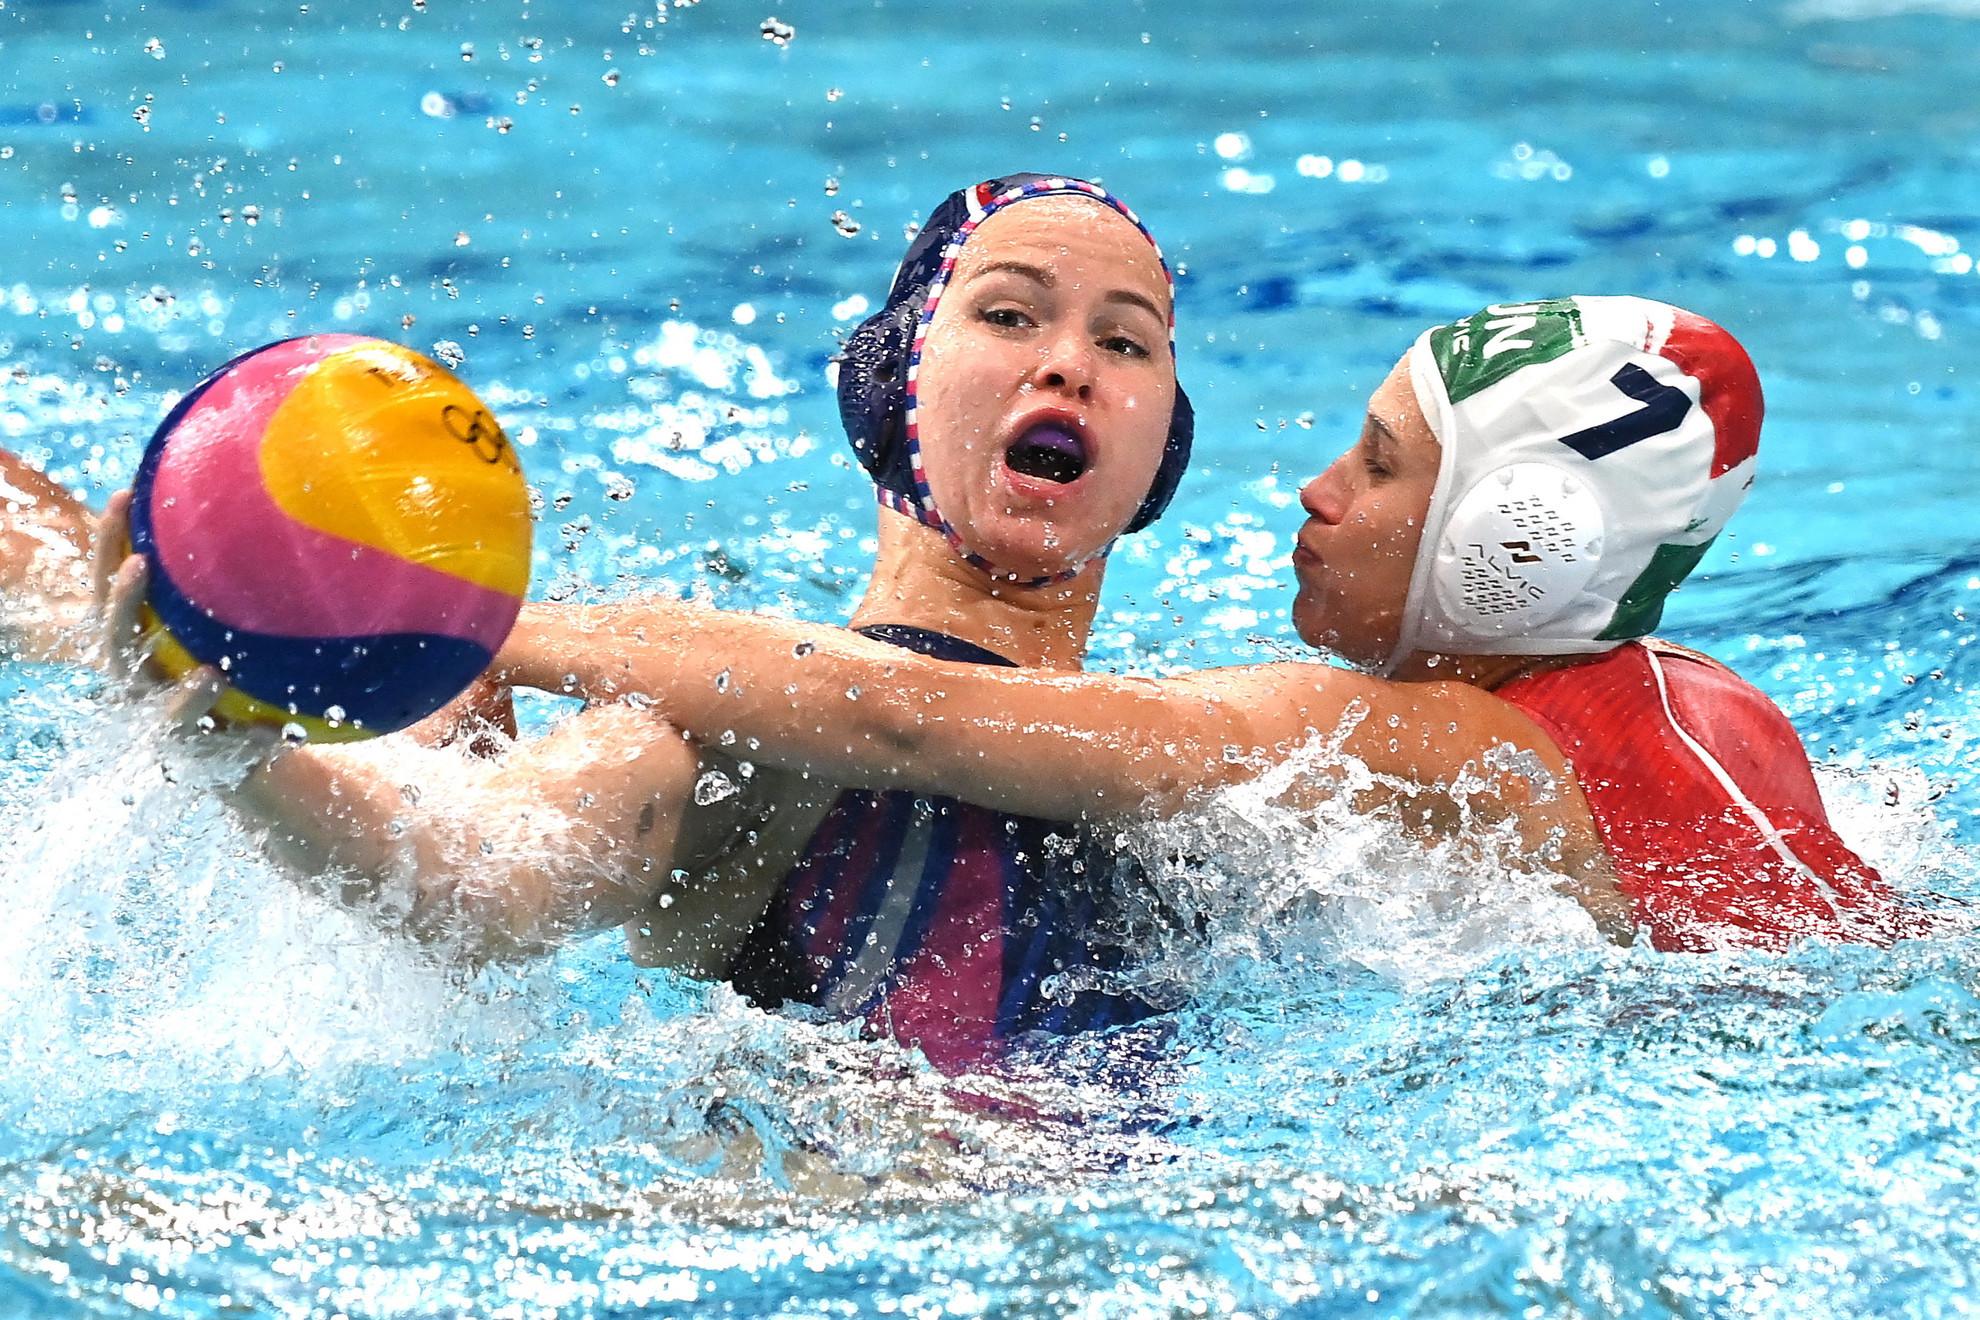 Illés Anna (j) és az orosz Anasztaszija Szimanovics a világméretű koronavírus-járvány miatt 2021-re halasztott 2020-as tokiói nyári olimpia női vízilabdatornáján a harmadik helyért játszott Magyarország - Orosz Olimpiai Csapat mérkőzésen a Tacumi Vízilabdaközpontban 2021. augusztus 7-én